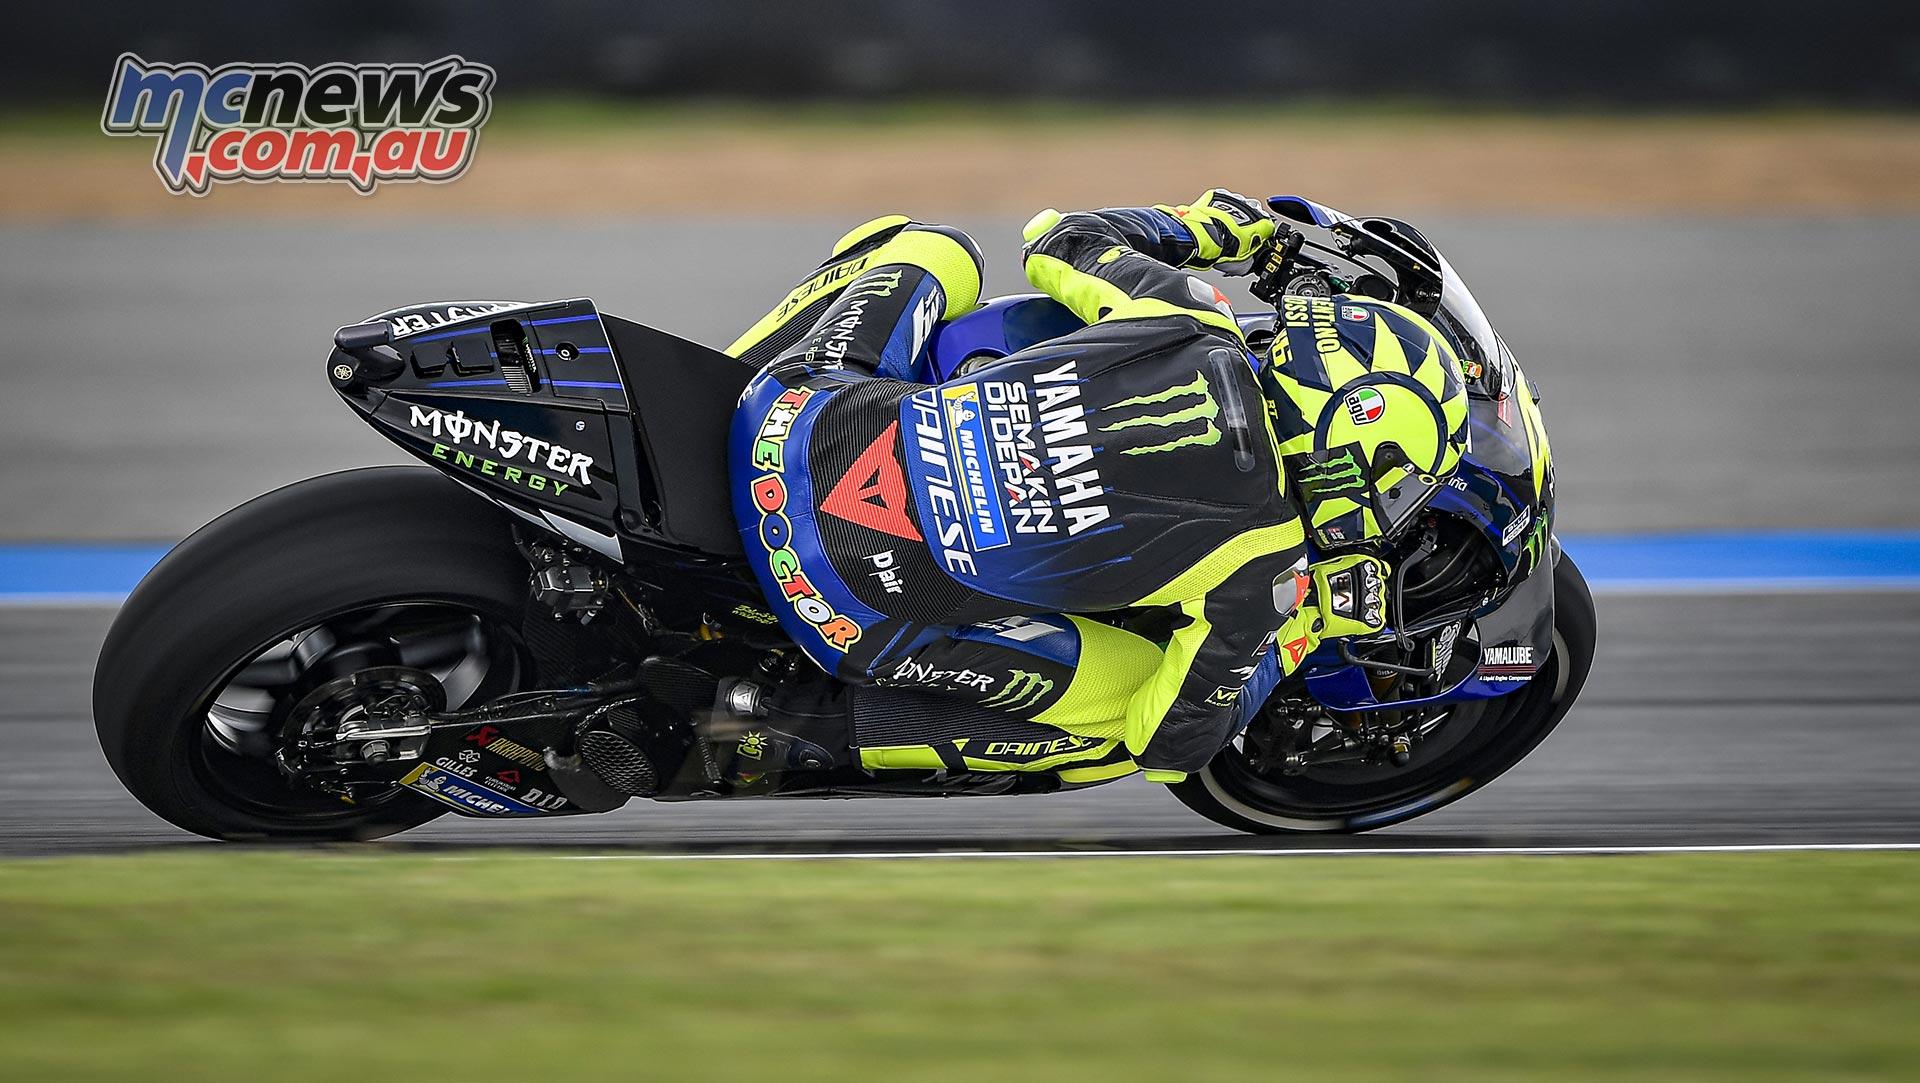 MotoGP Rnd Thailand Friday Rossi